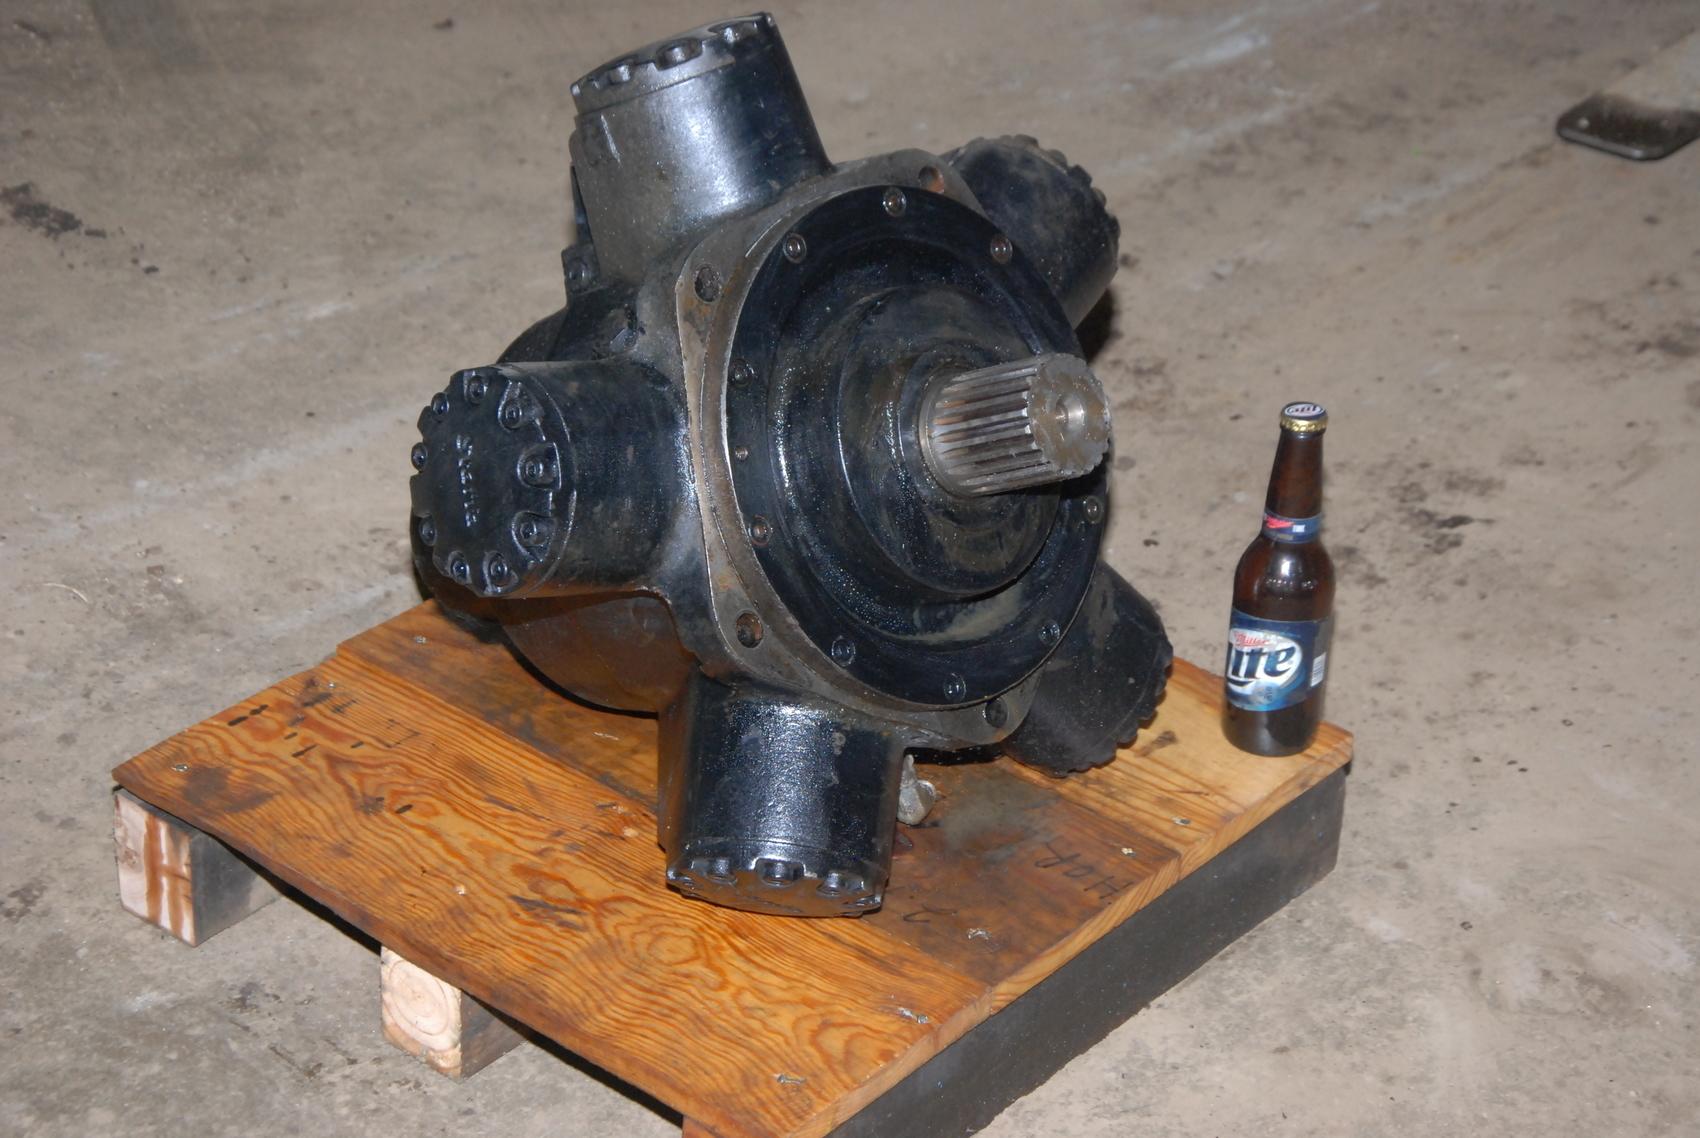 Vickers STAFFA HM C080 Z 60 40 F3 CI 30 PL223 Radial hydraulic Motor